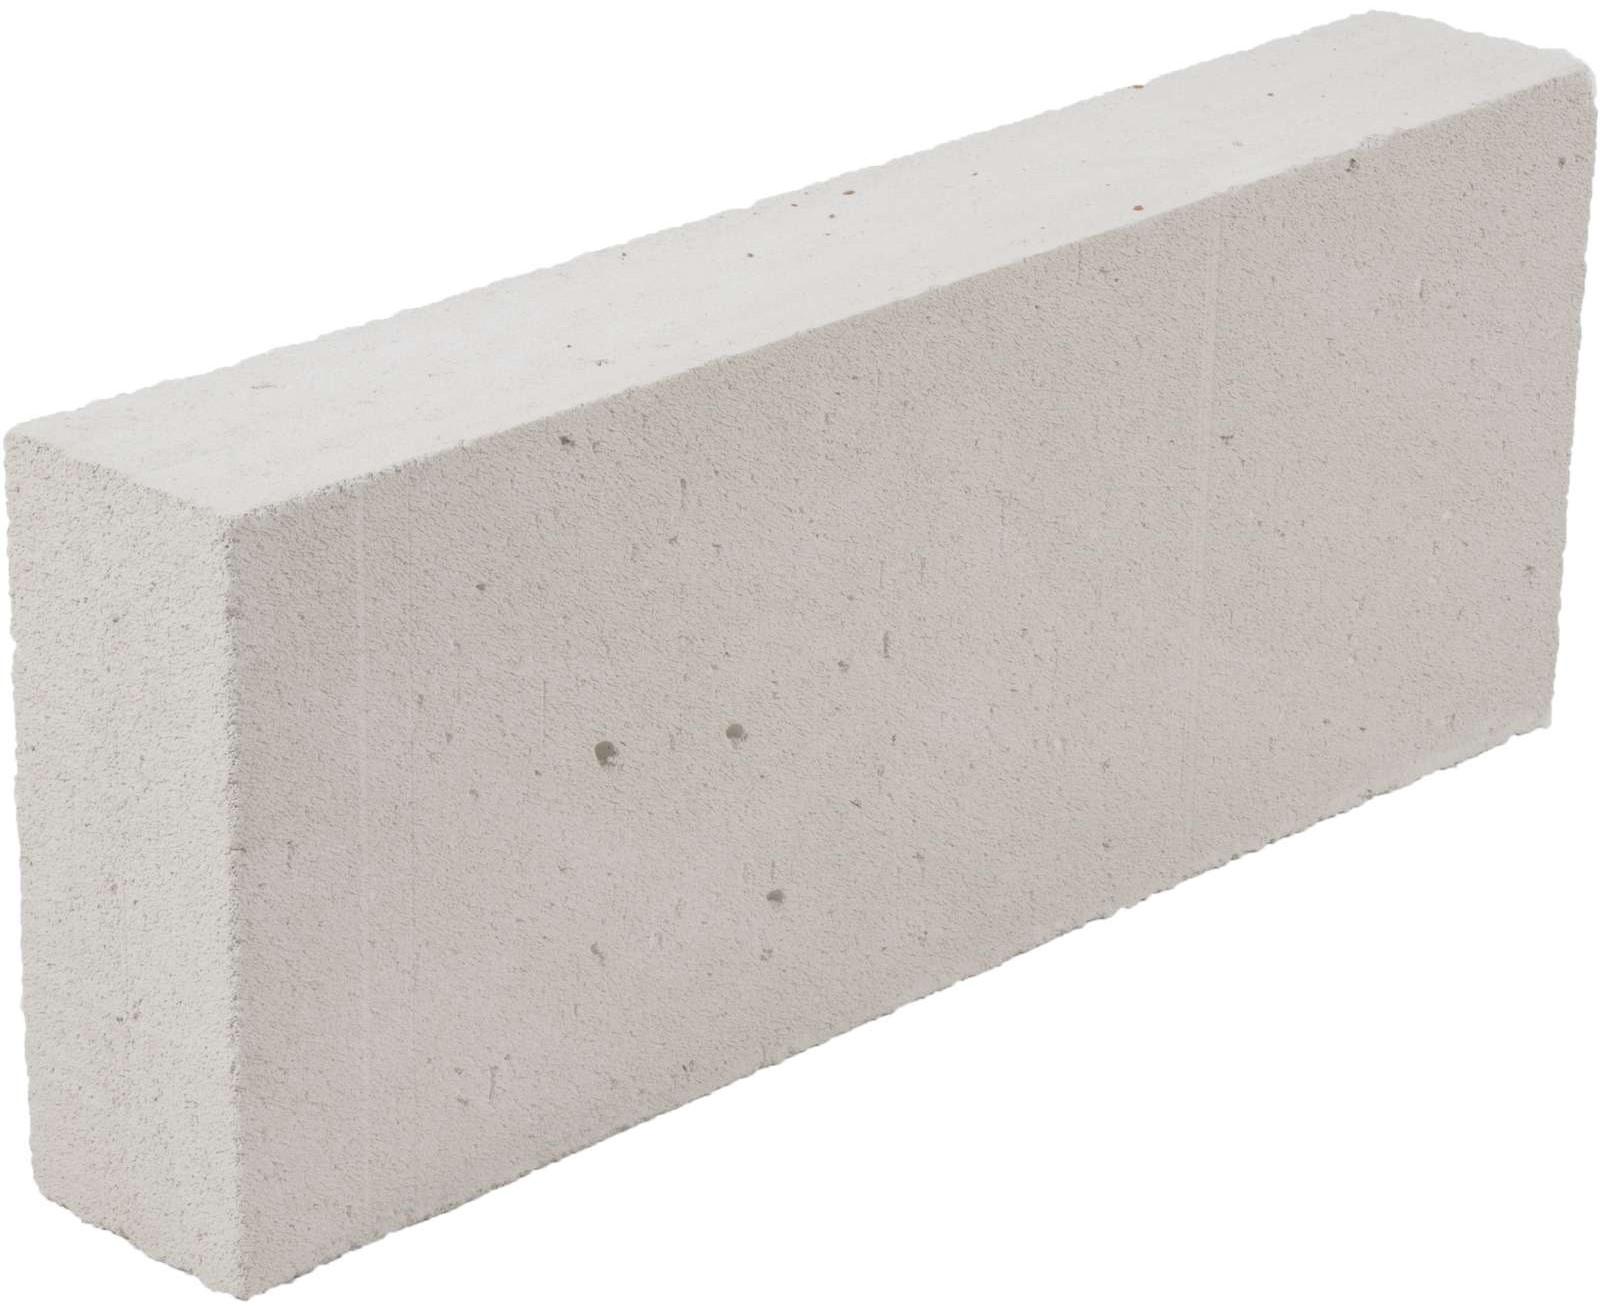 цена газобетонного блока 200х300х600 за куб